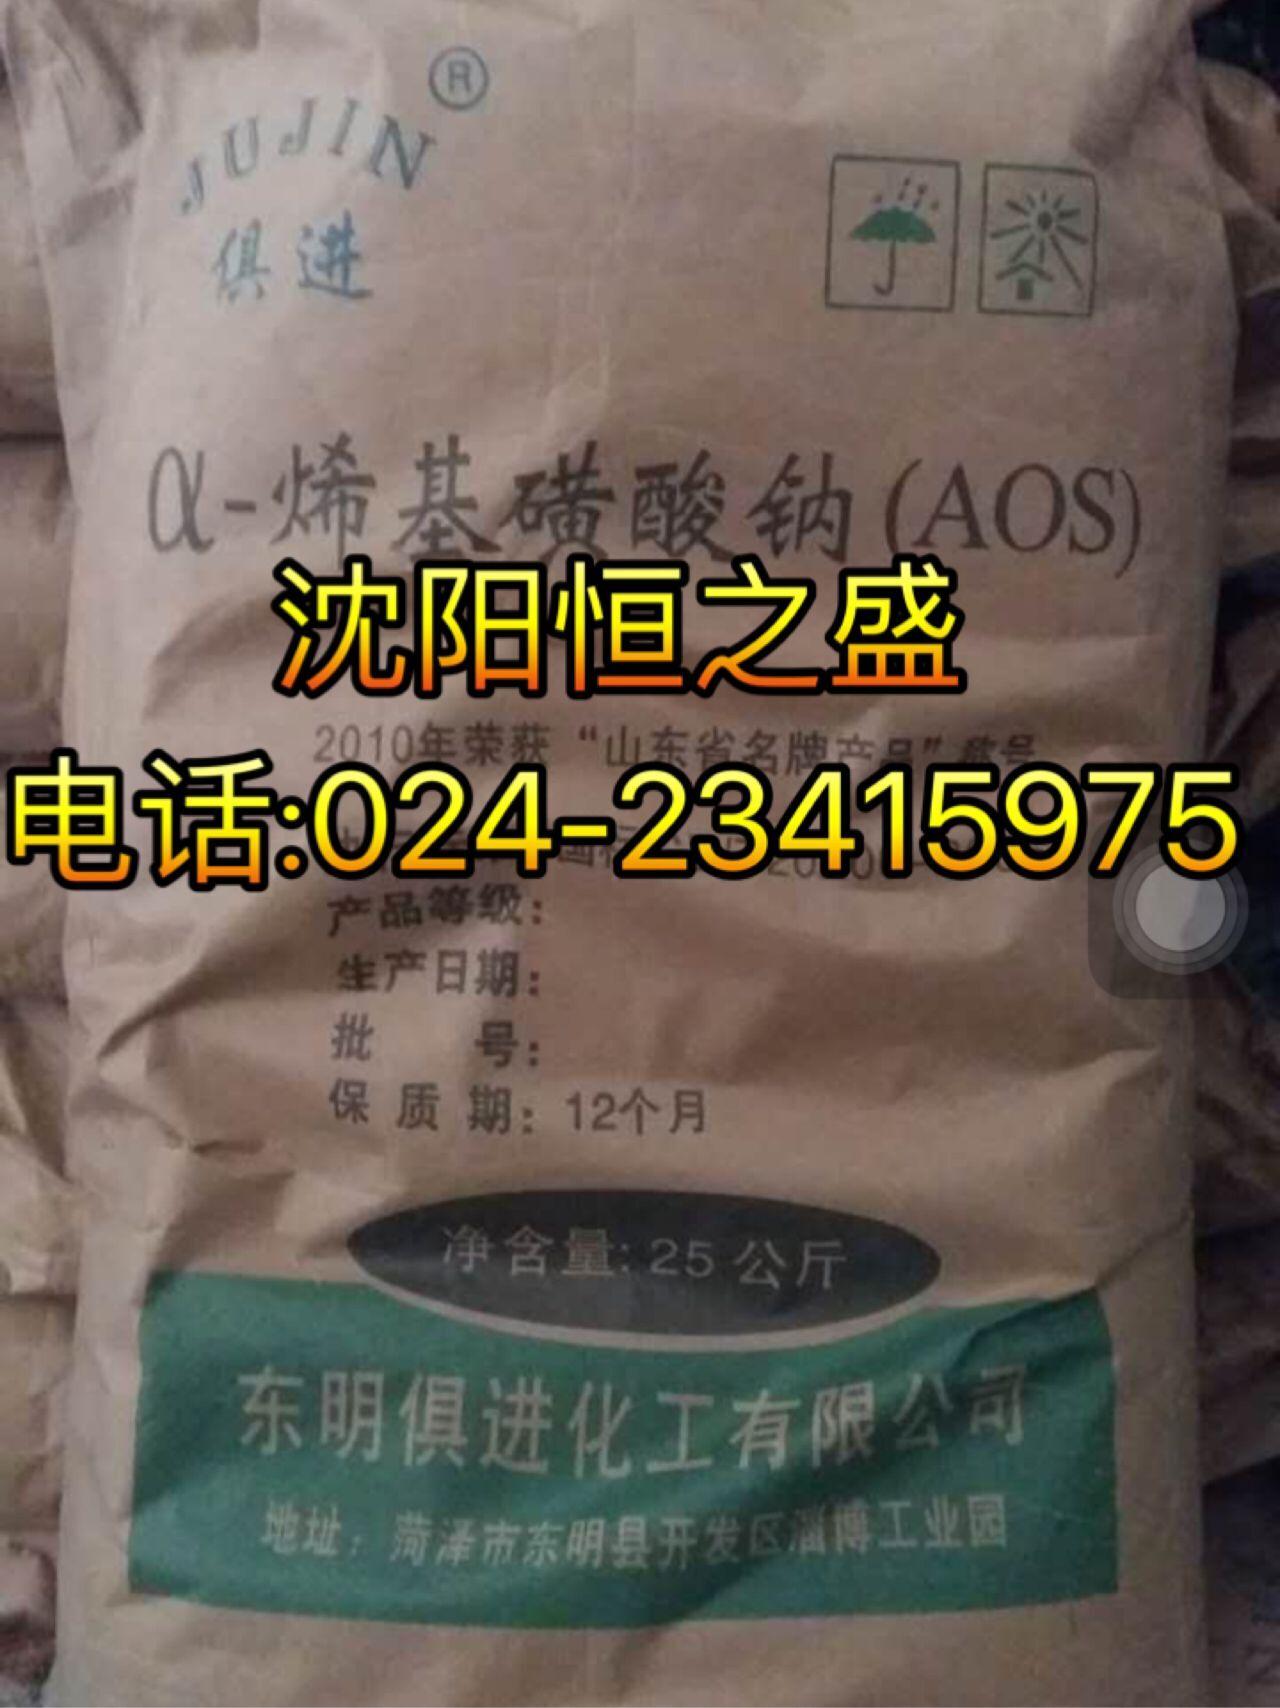 吉林延吉AOS(α-烯基磺酸钠)价格